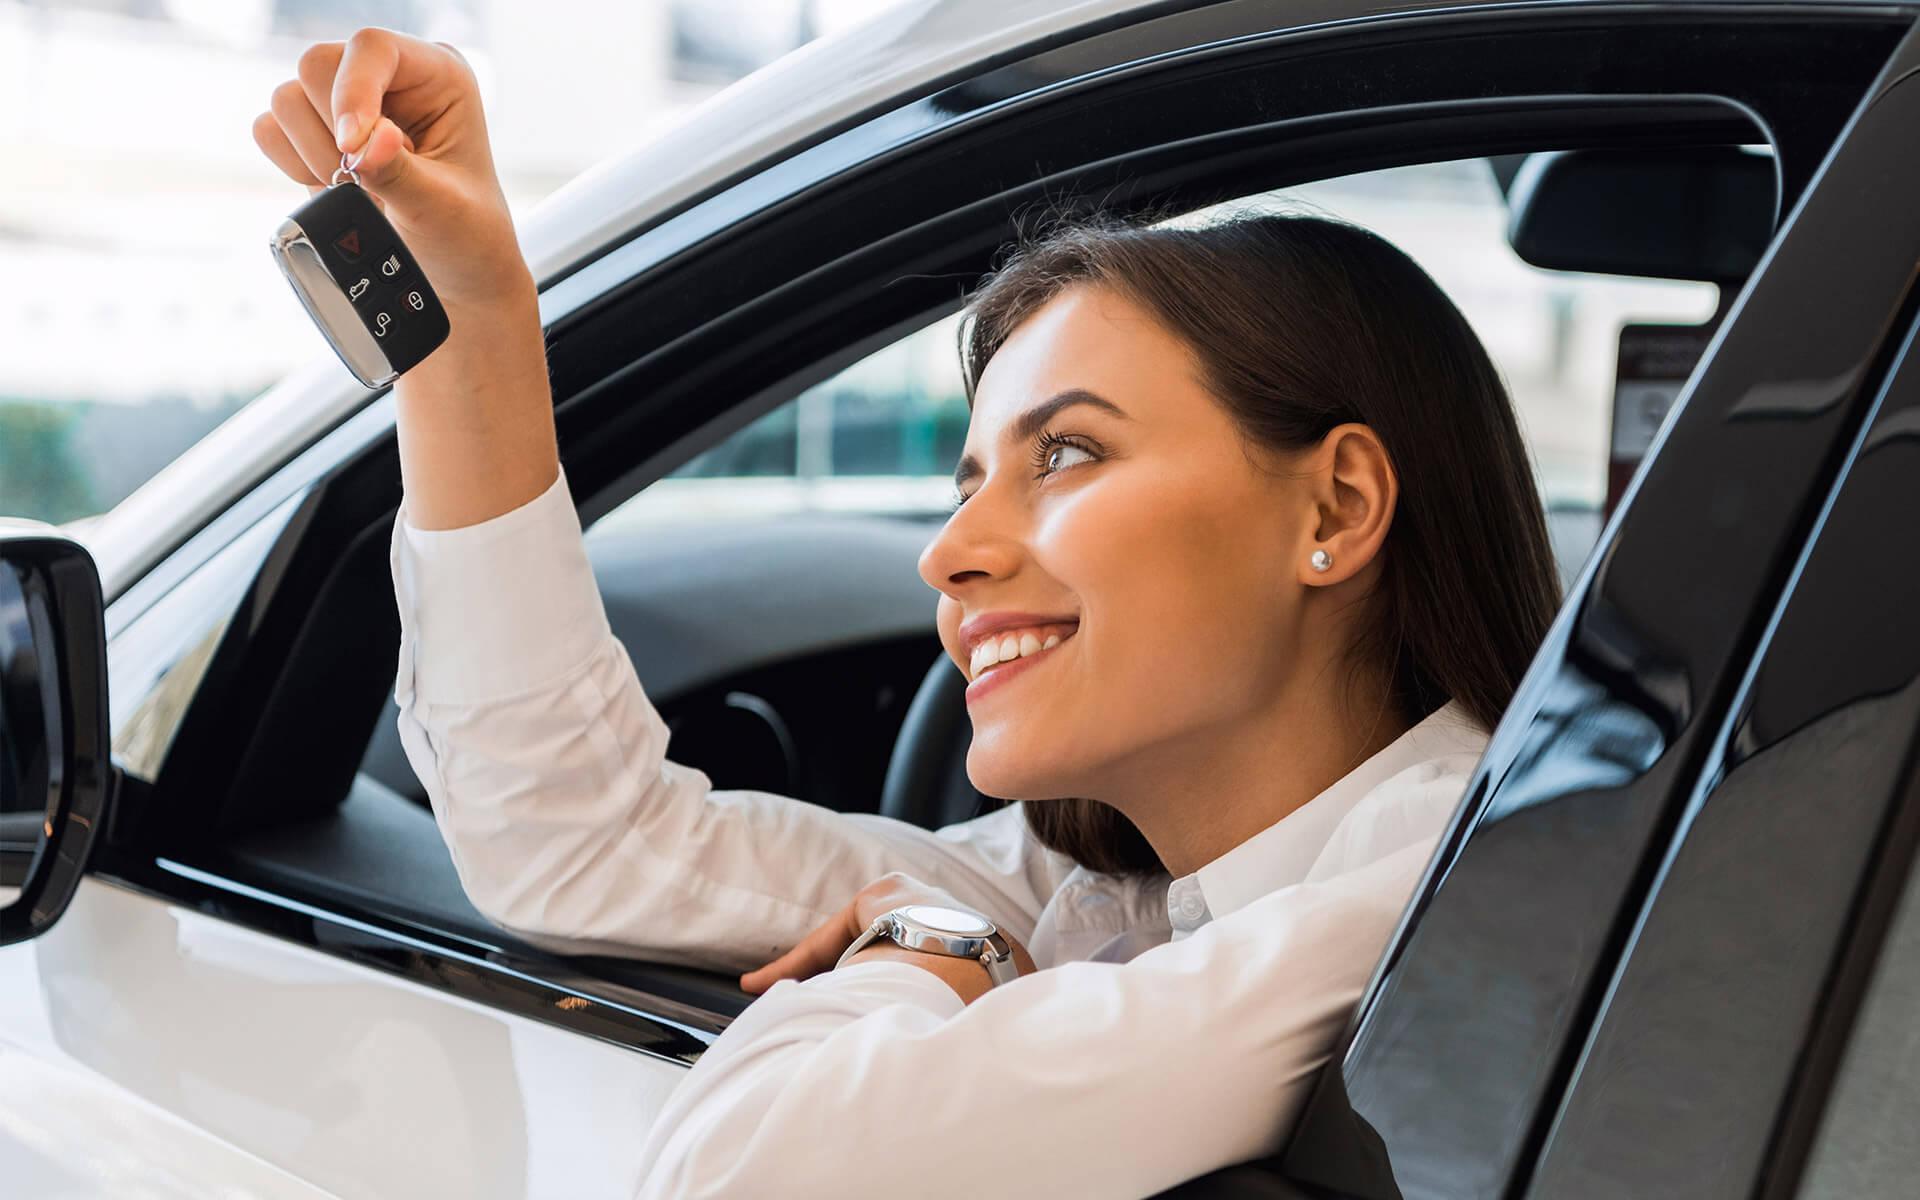 Úver na auto